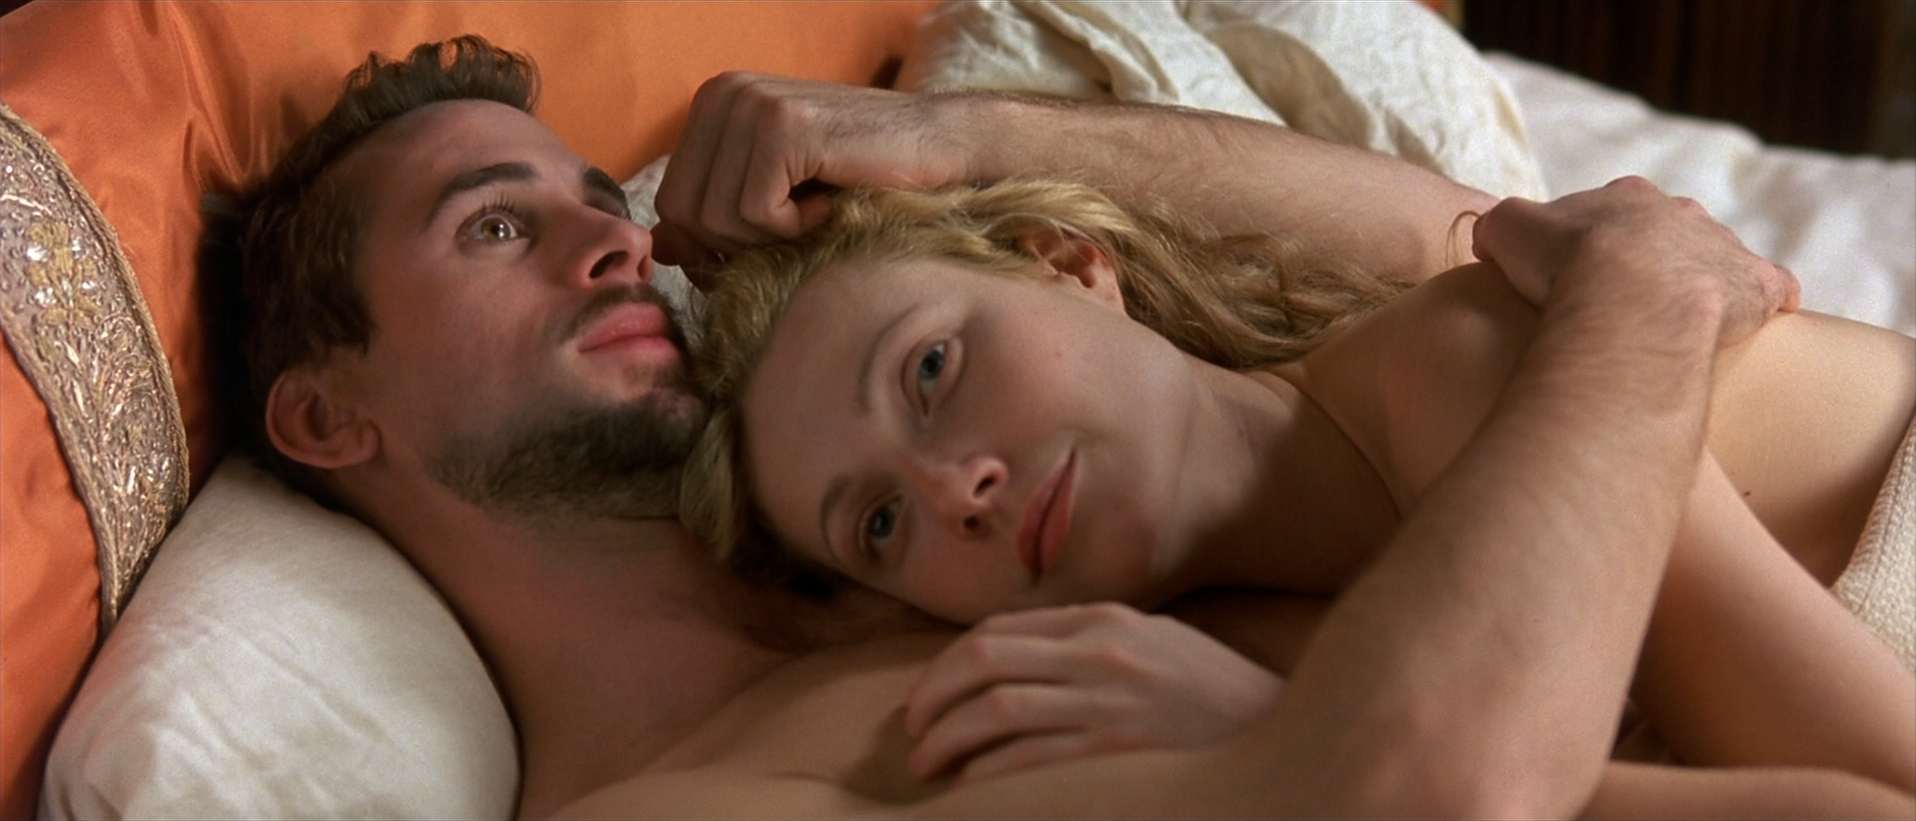 Порно секс фильм смотреть